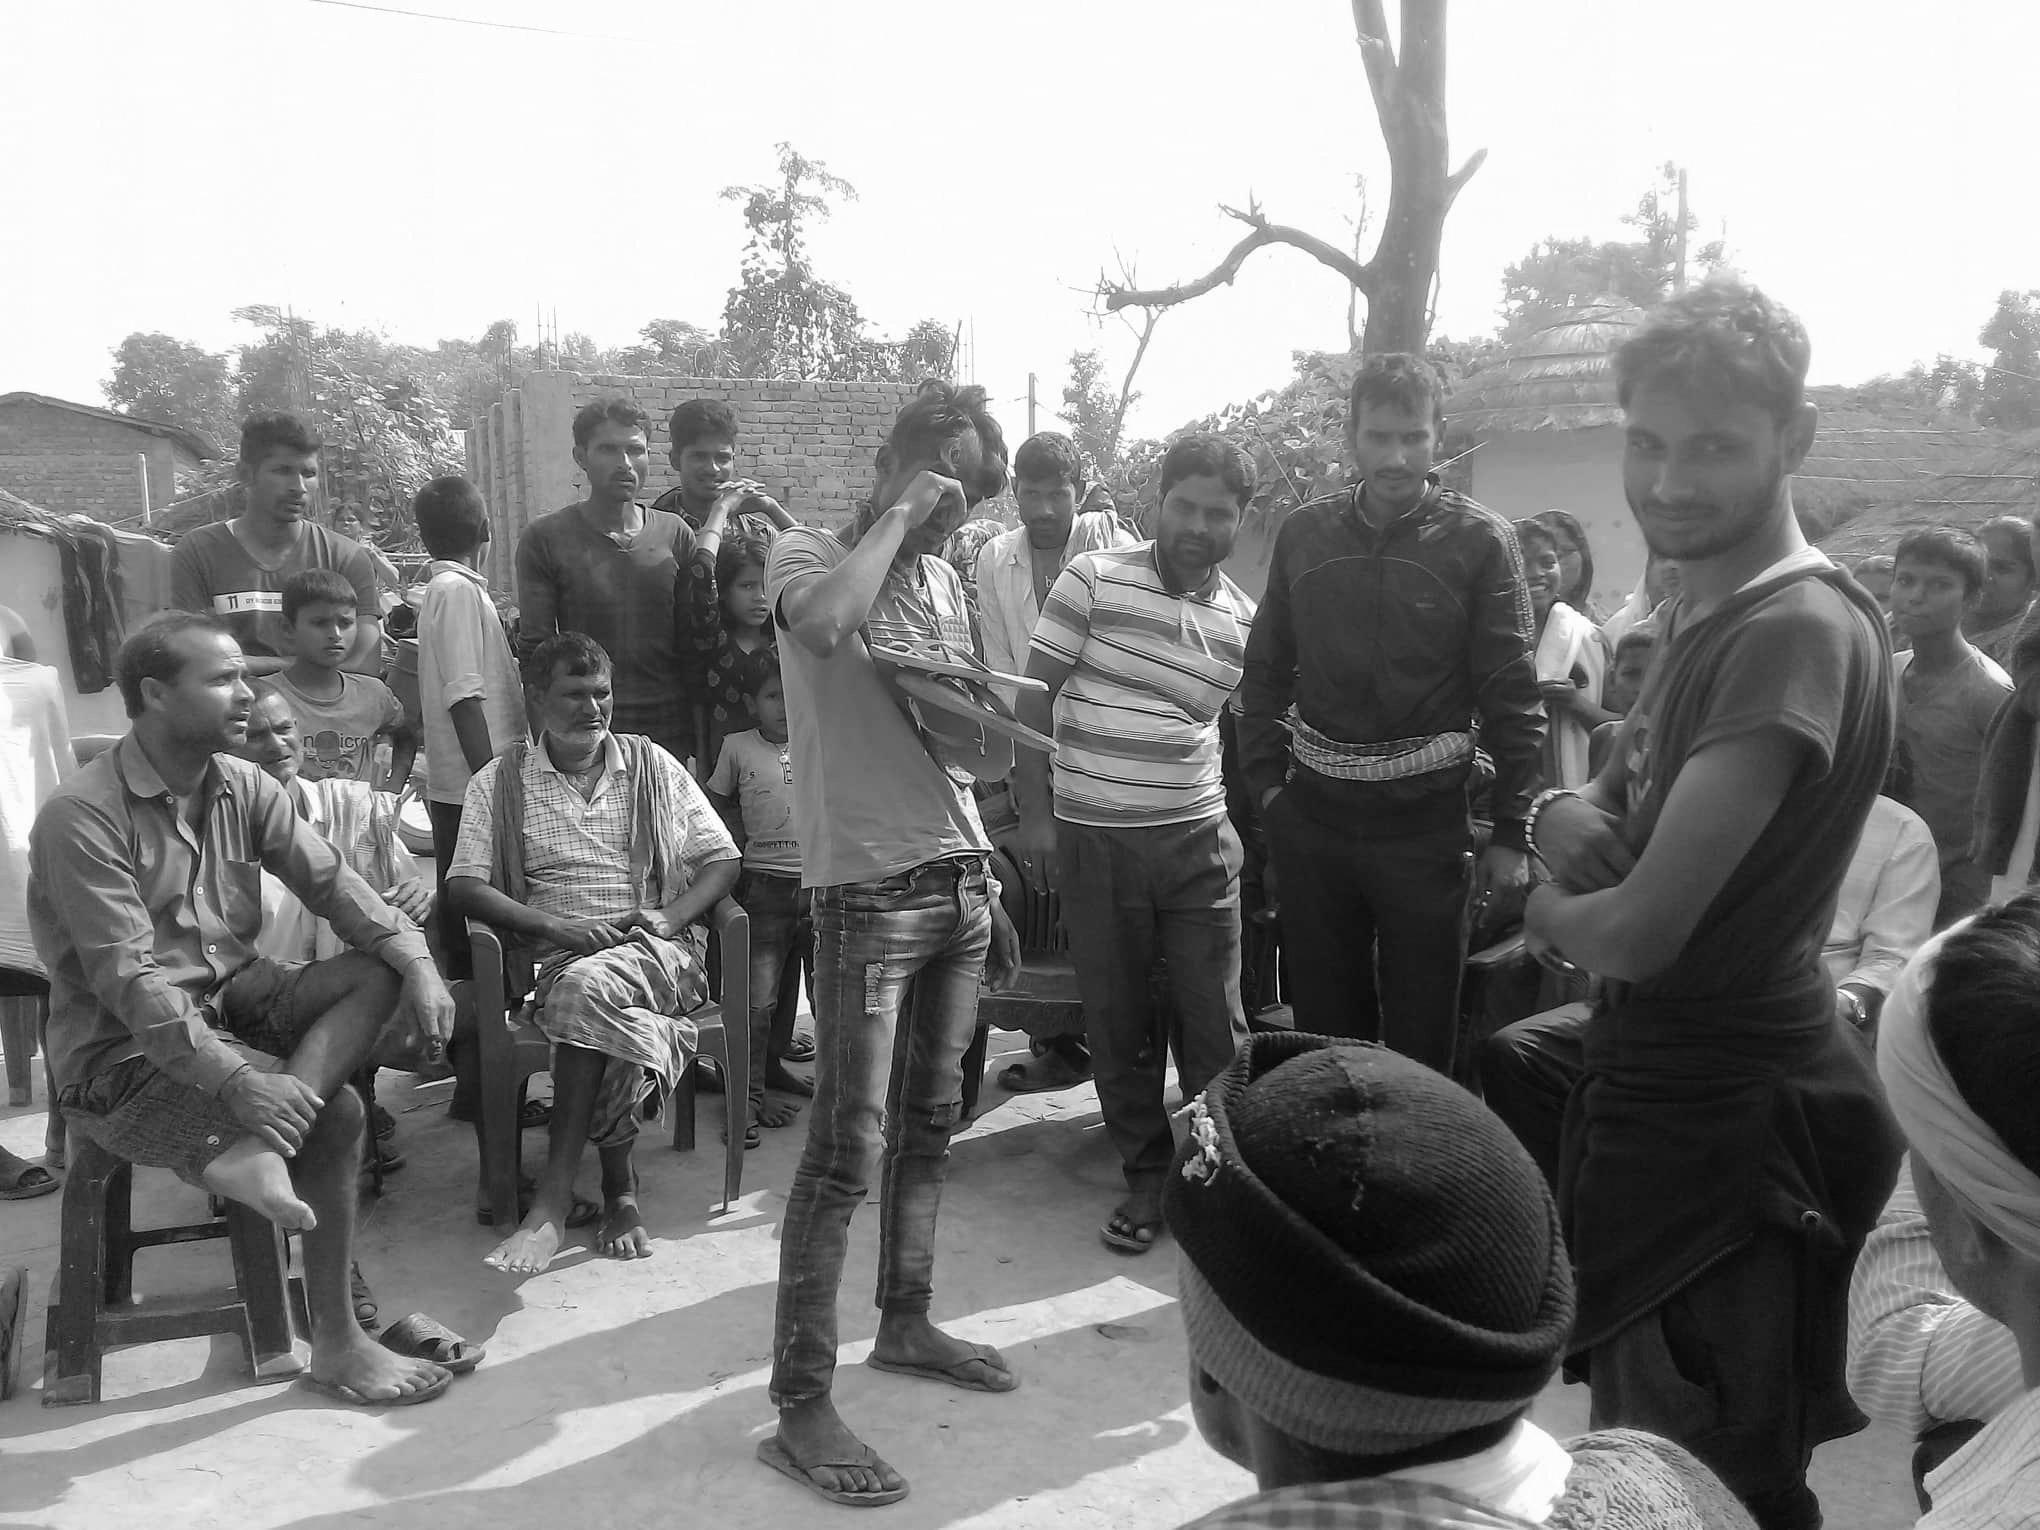 पञ्च भेलाको उदण्डताः मोबाइल चोरीको बात लागेका युवालाई कपाल मुण्डन गरी जुत्ताको माला, फरार पञ्च खोजी गर्दै प्रहरी